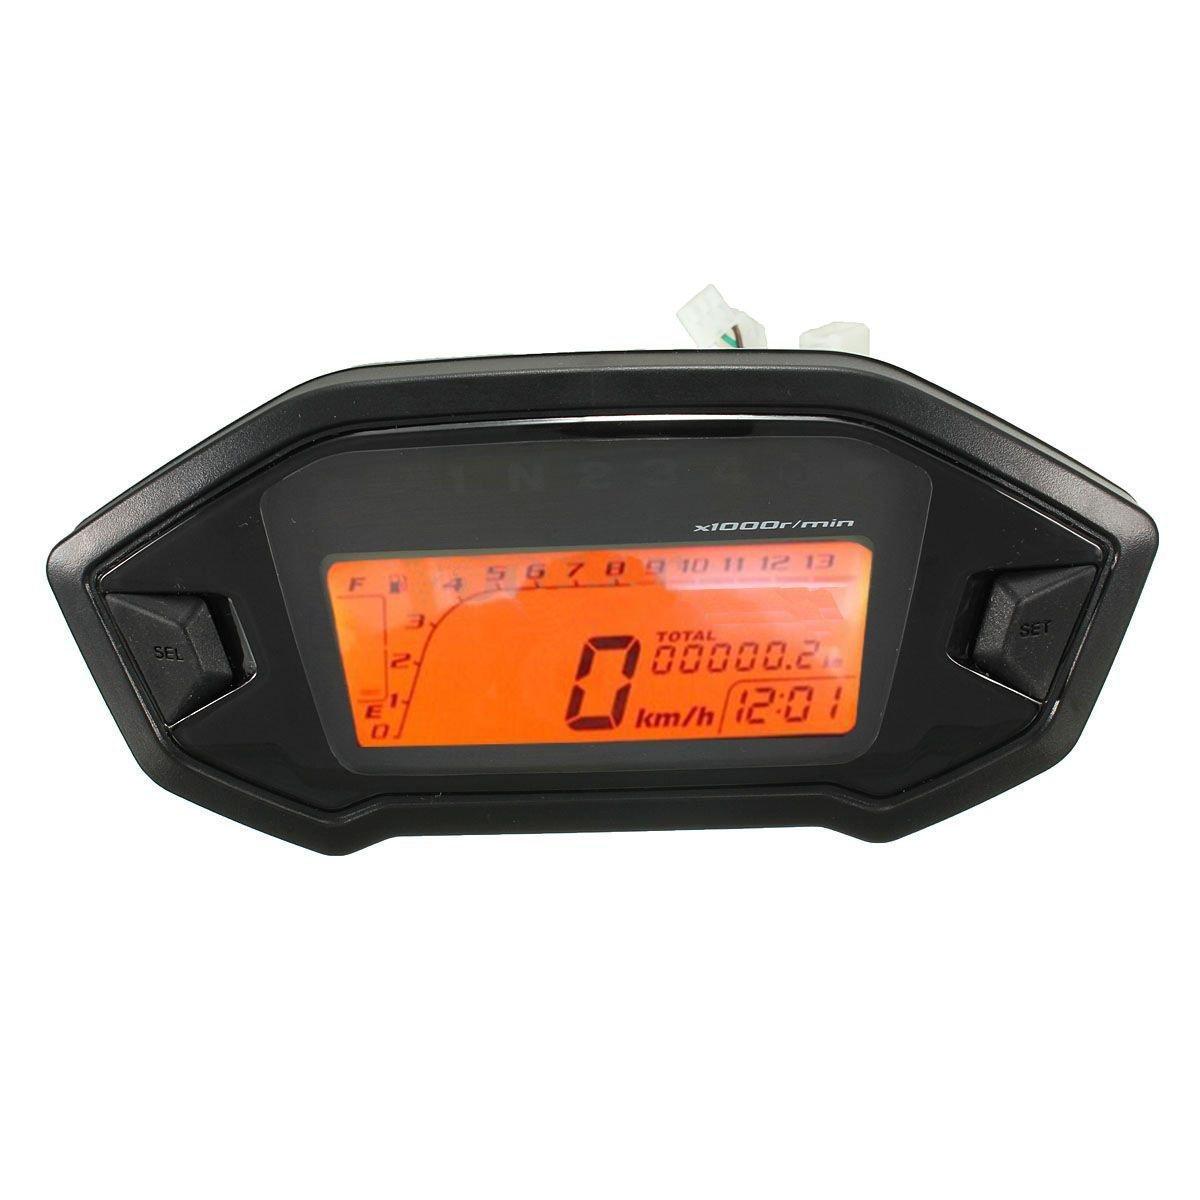 Odometro LCD - SODIAL(R)Oodometro velocimetro velocimetro calibrador universal de retroiluminacion LCD digital de motocicleta 060667